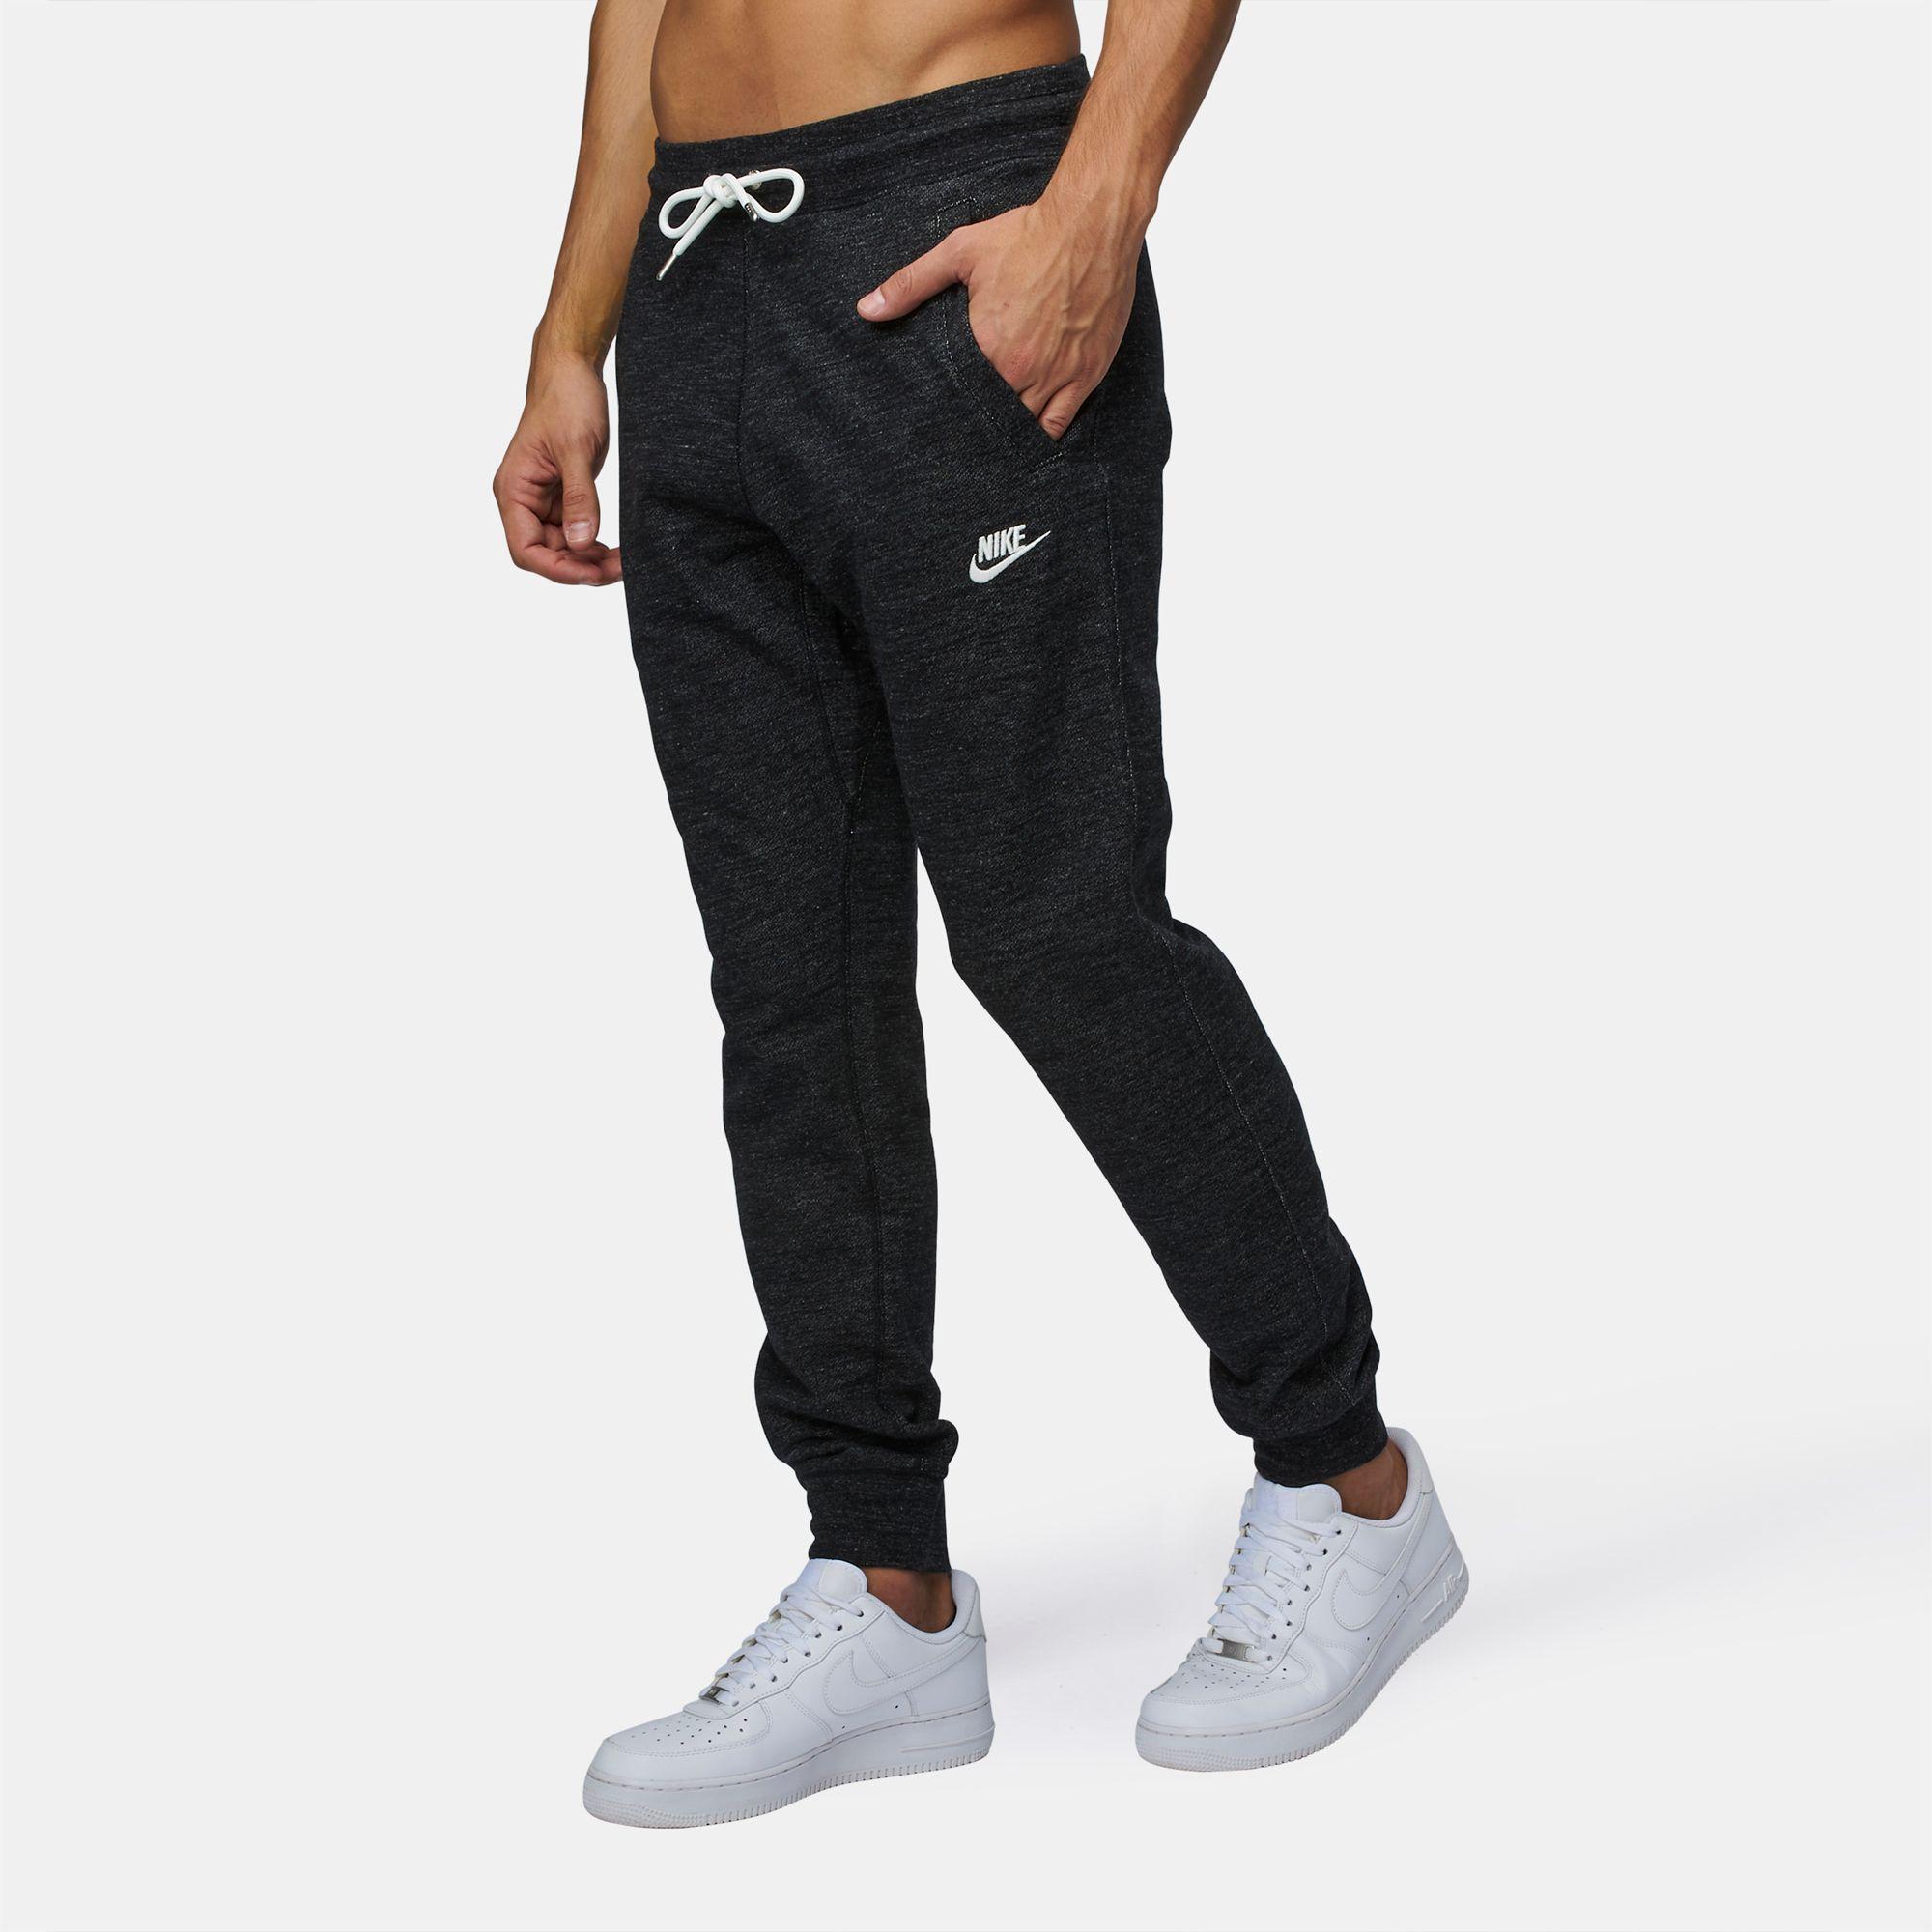 243eea3f0dee Shop 41 Nike Sportswear Legacy Joggers for Mens by Nike